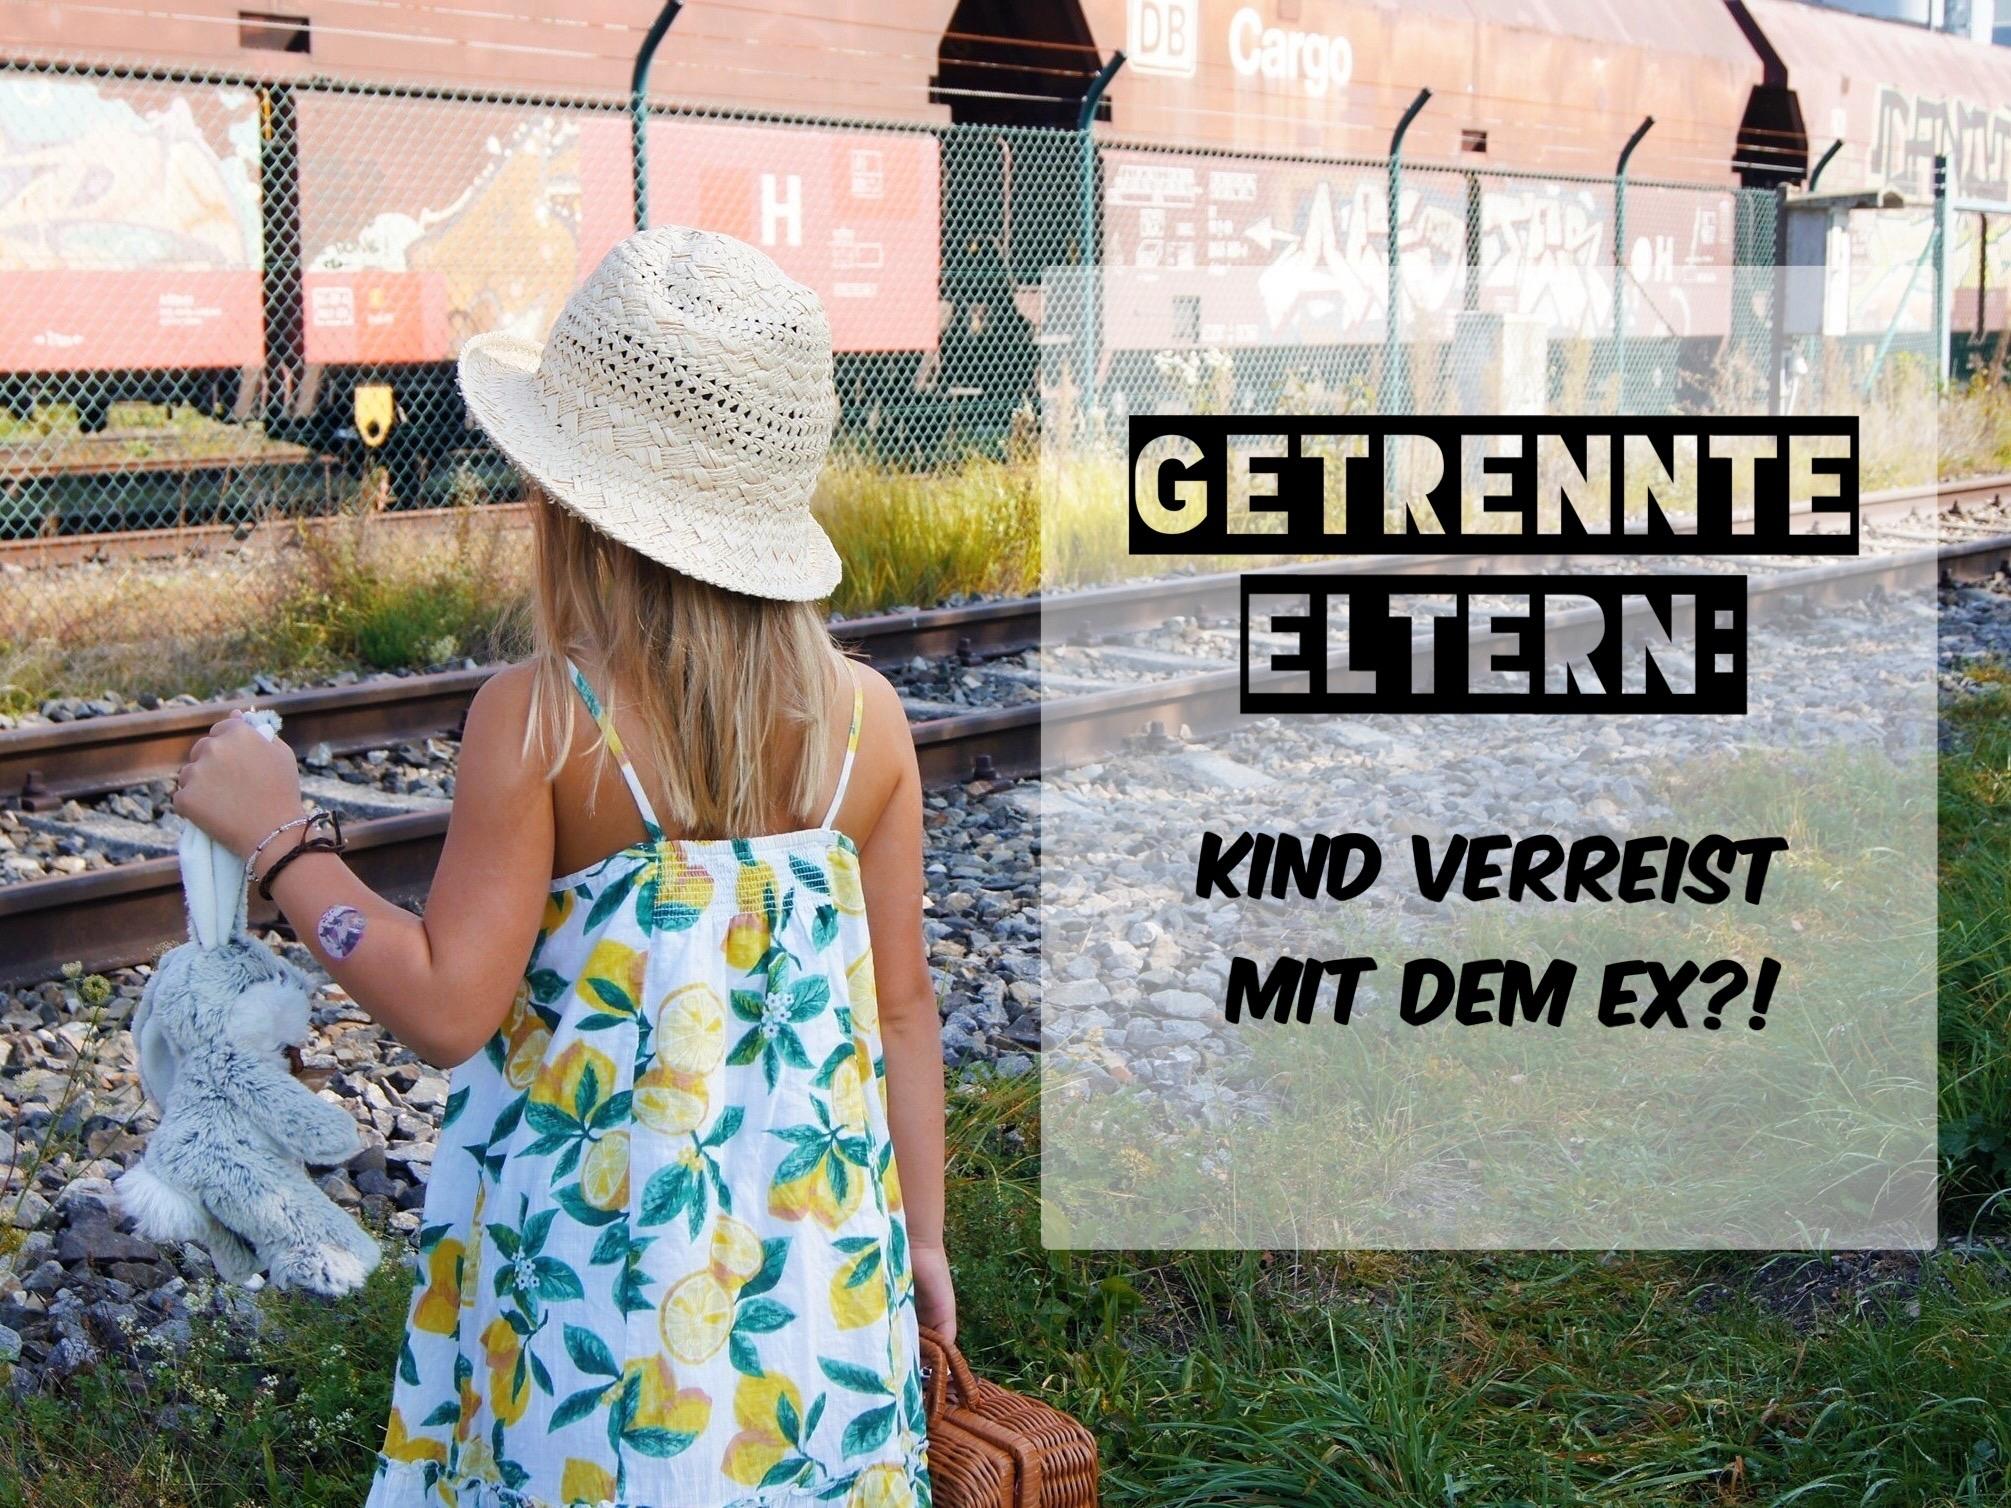 Getrennt: Kind verreist mit dem Ex!?